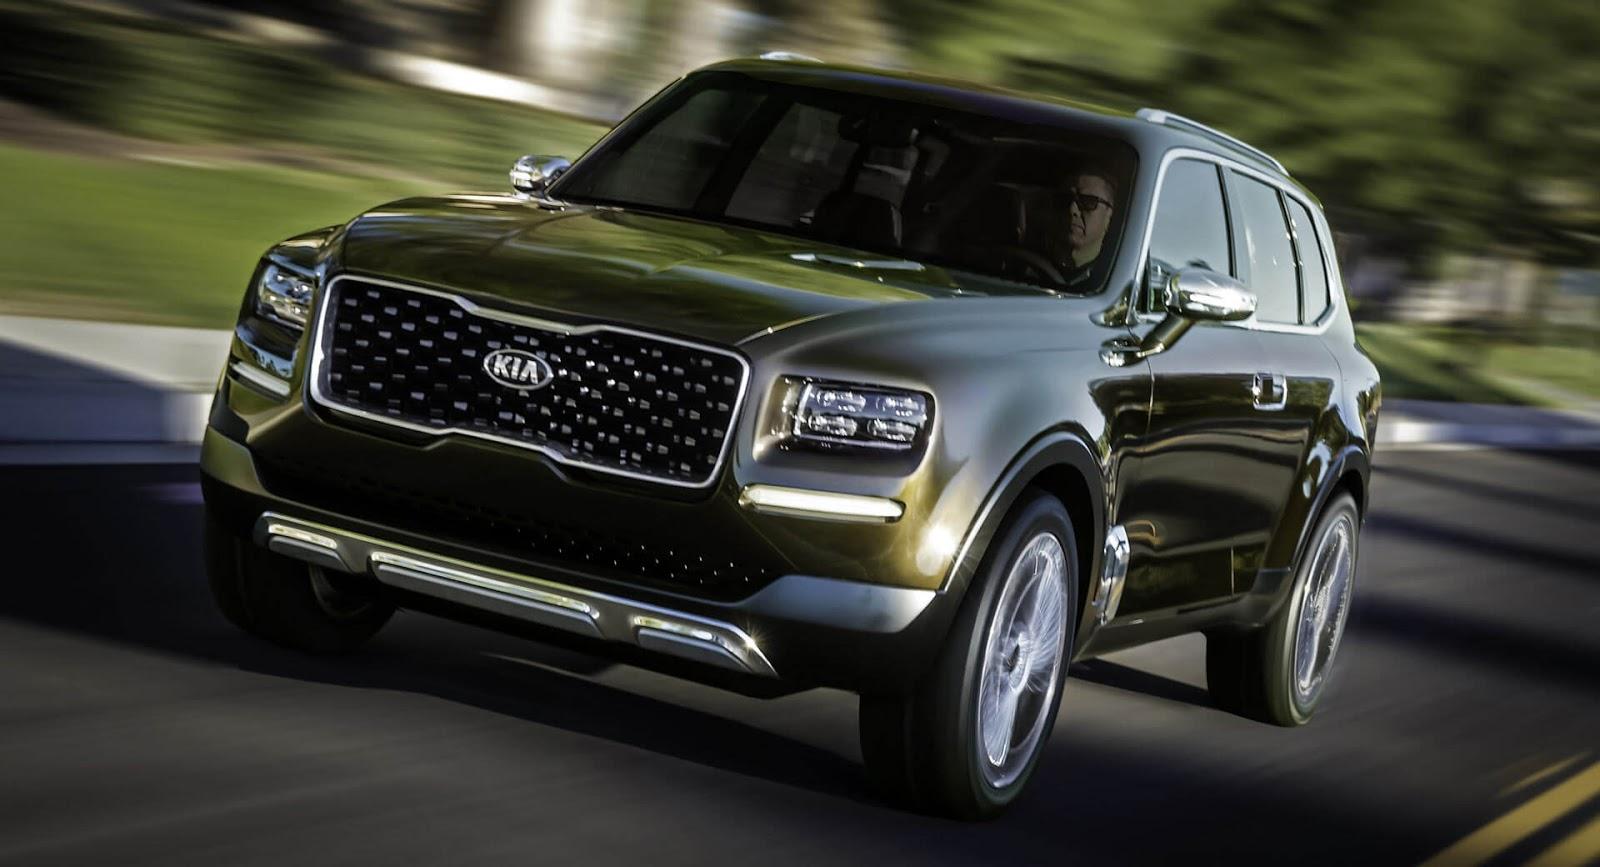 Thị trường xe - SUV Kia Telluride – đẹp như Rolls-Royce, sang hơn Bentley (Hình 2).